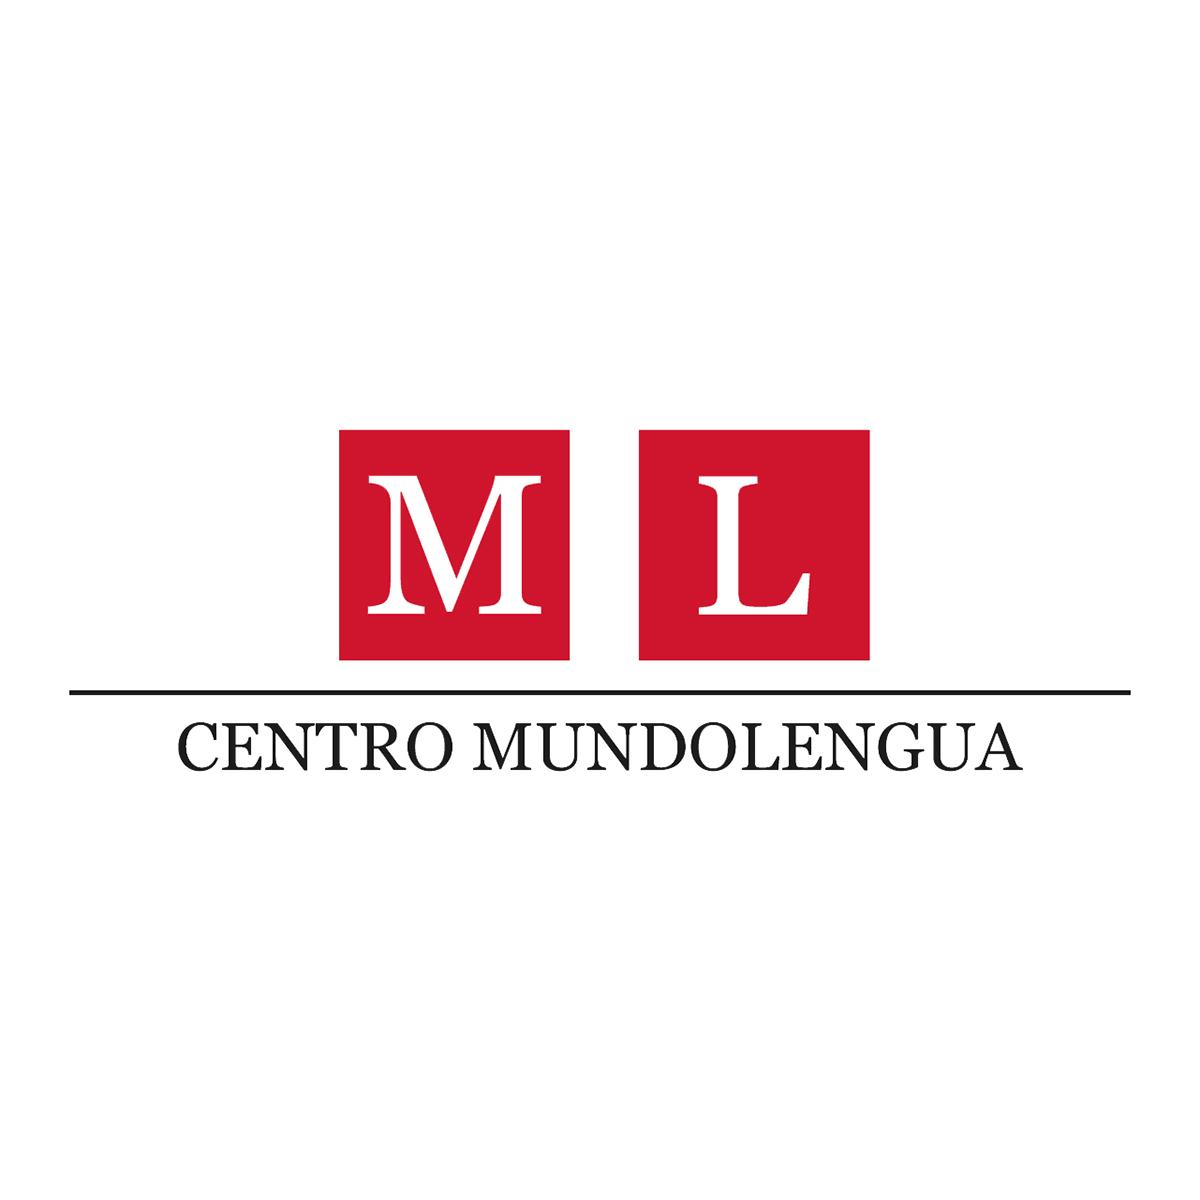 Centro MundoLengua: Pre-AP Spanish Literature and Culture in Sevilla, Spain